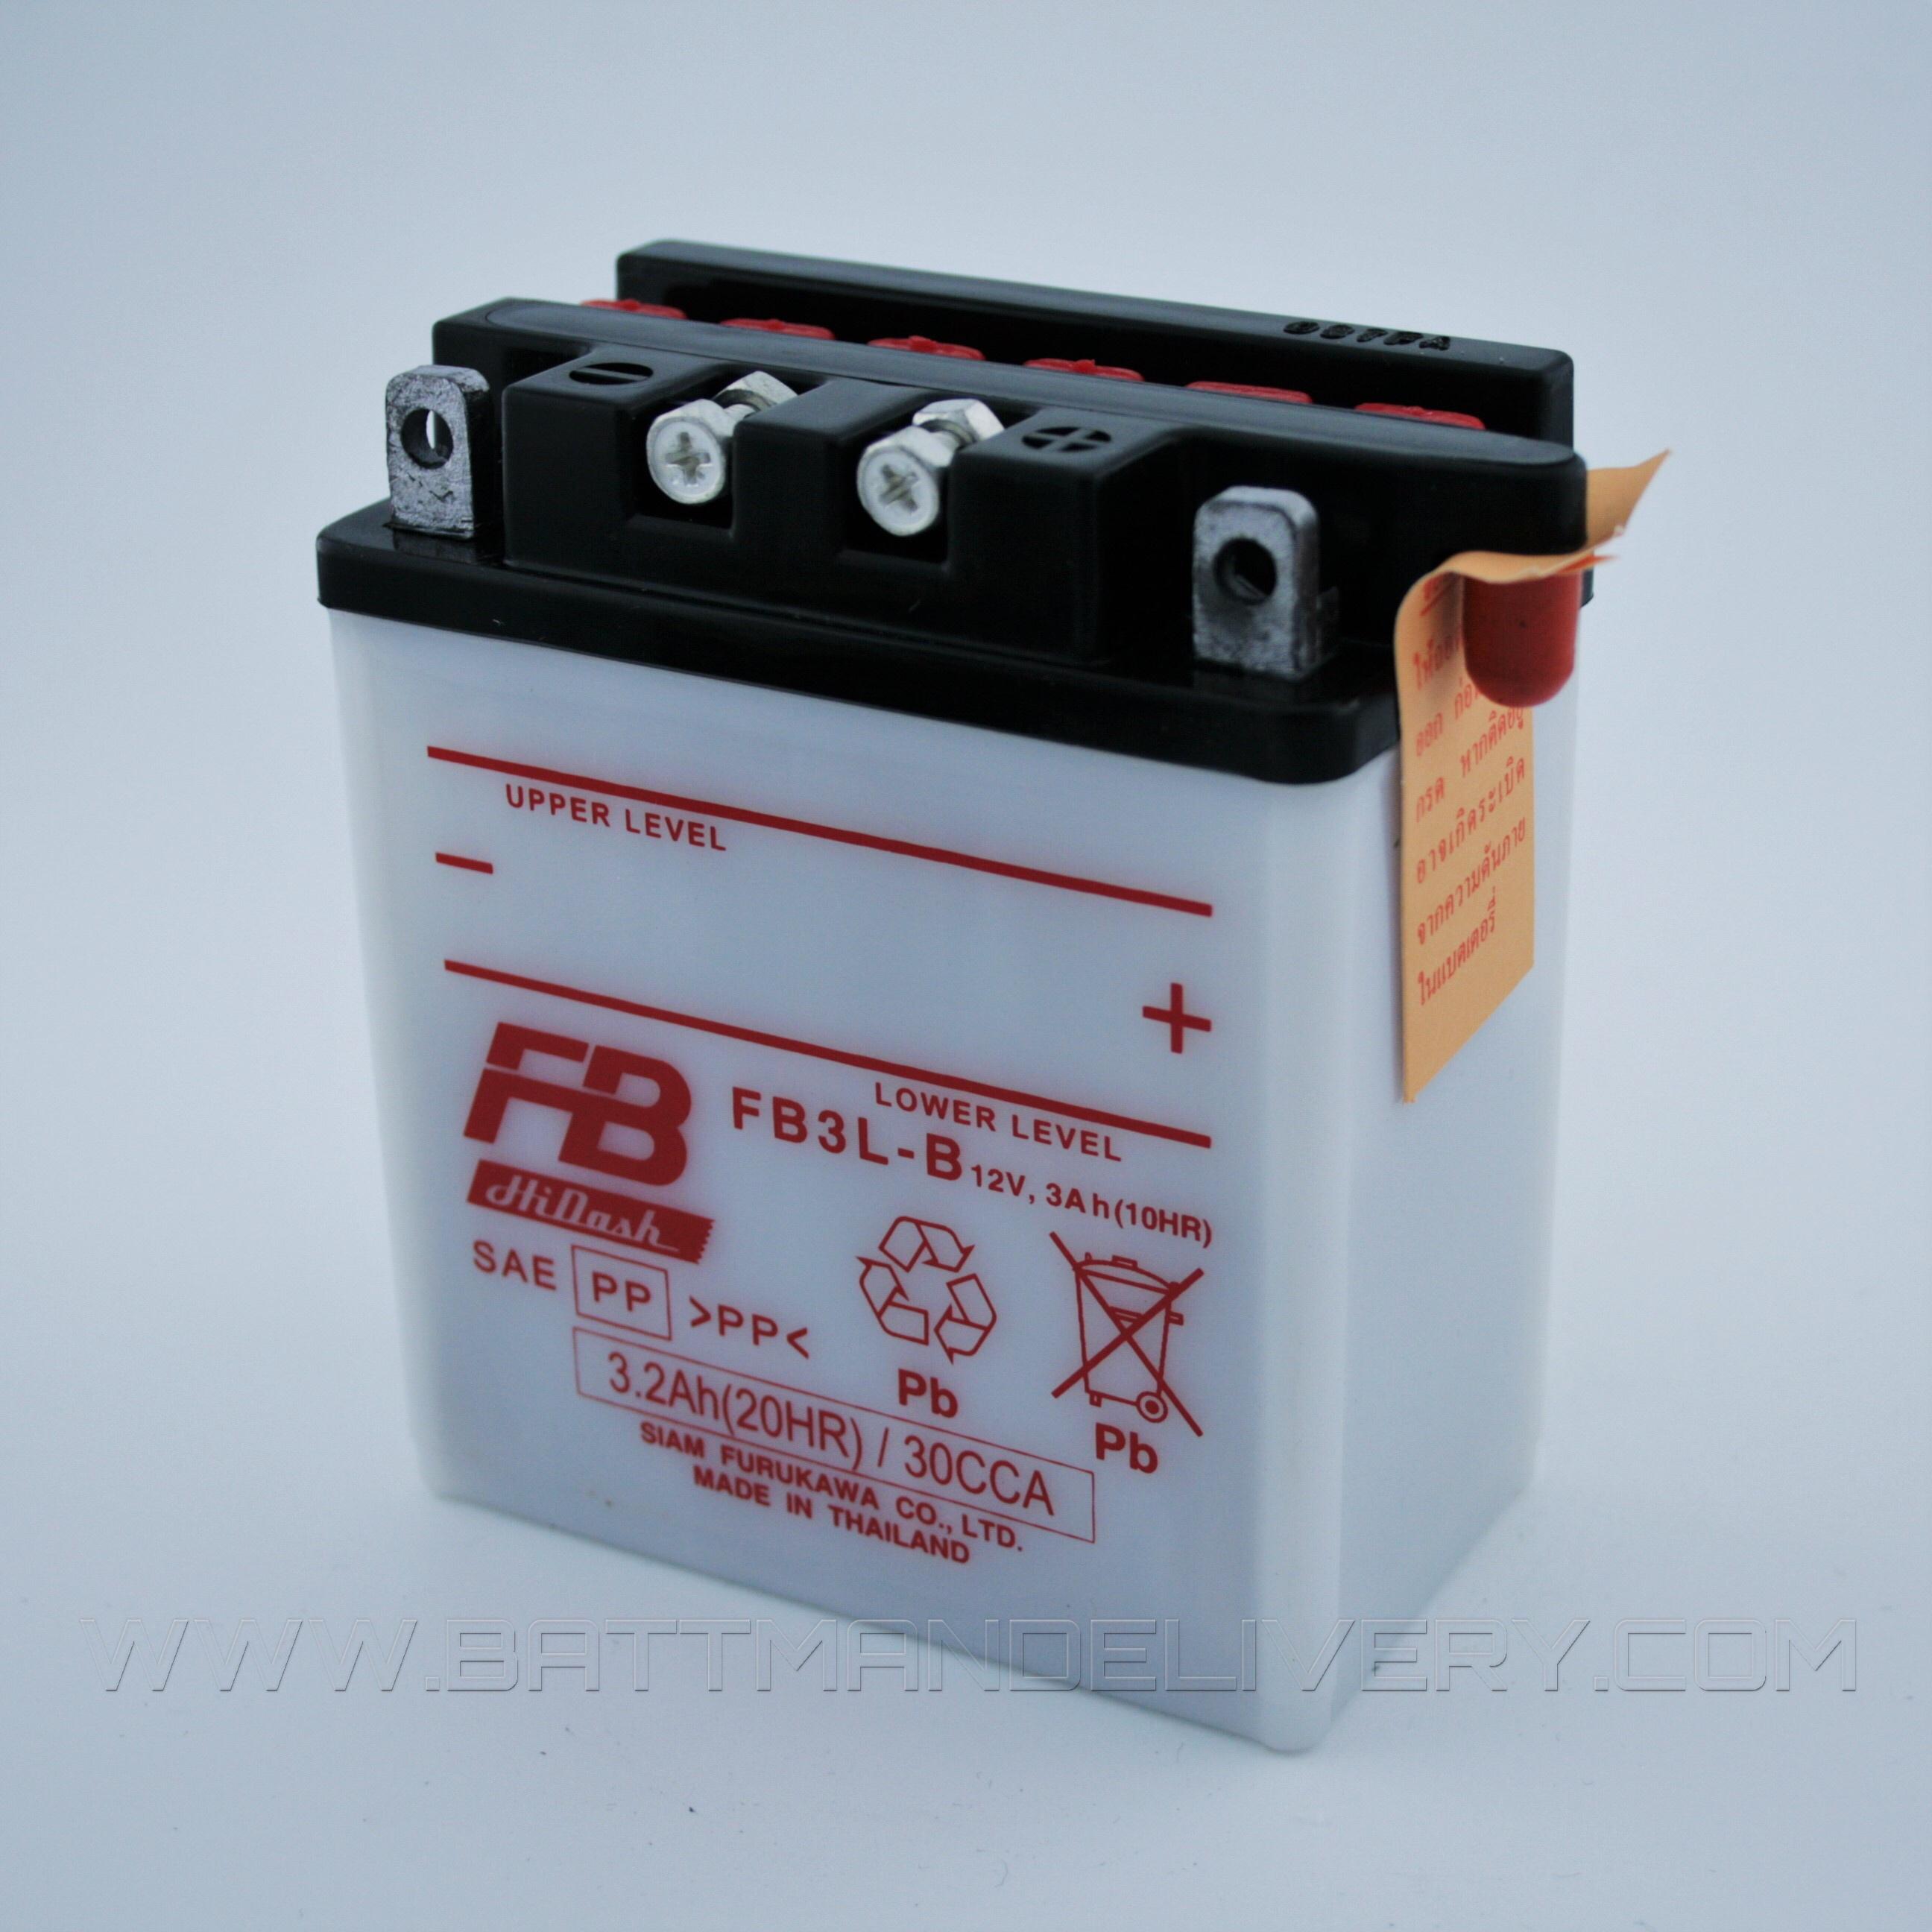 แบตเตอรี่มอเตอร์ไซค์ แบบน้ำ ยี่ห้อ FB รุ่น FB3L-B (12V 3AH) สำหรับรถรุ่น PHANTOM150/LS125/AKIRA/RU100/BEATNOVA DASH/MAGNUM/KR150/VICTOR